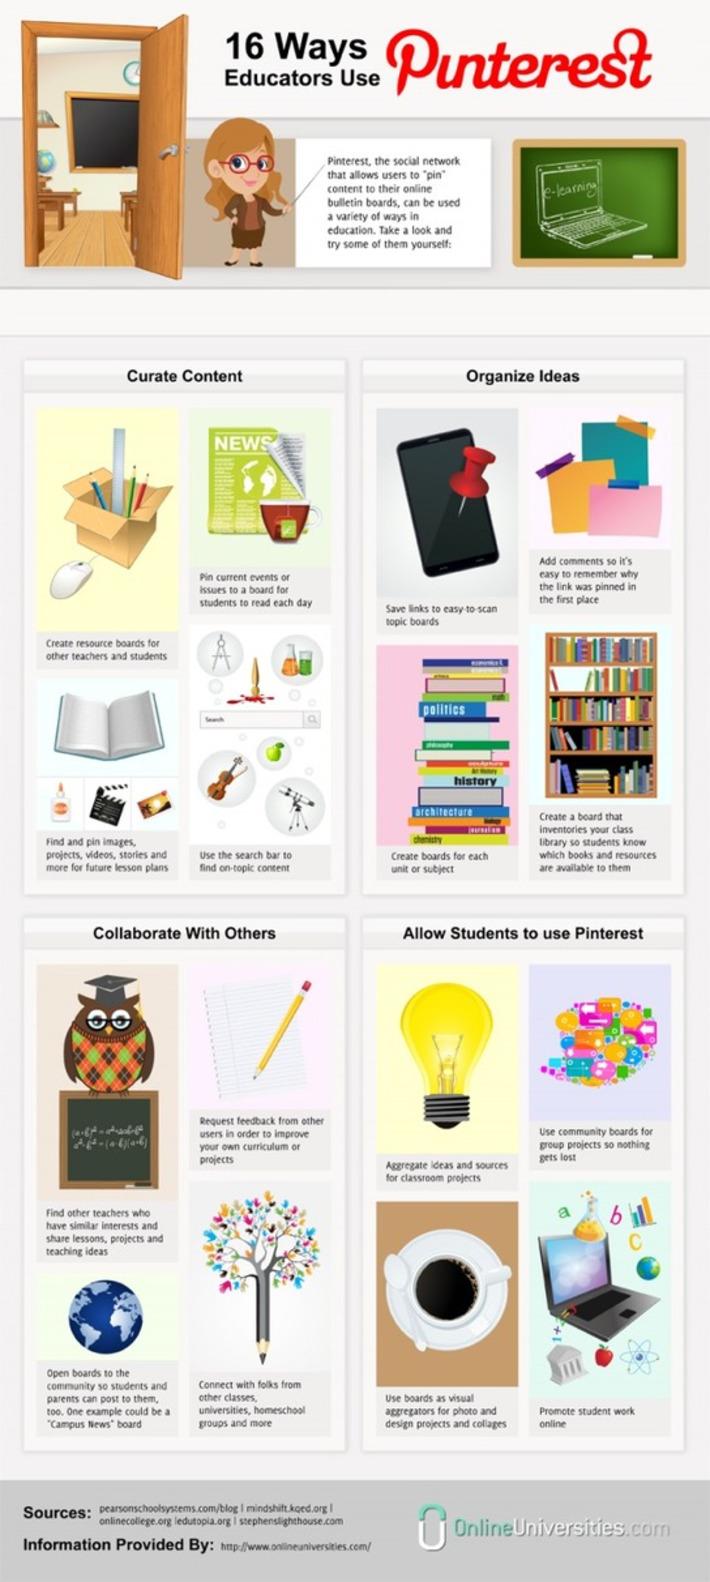 Edudemic: Hoe gebruiken leerkrachten Pinterest? | Edu-Curator | Scoop.it